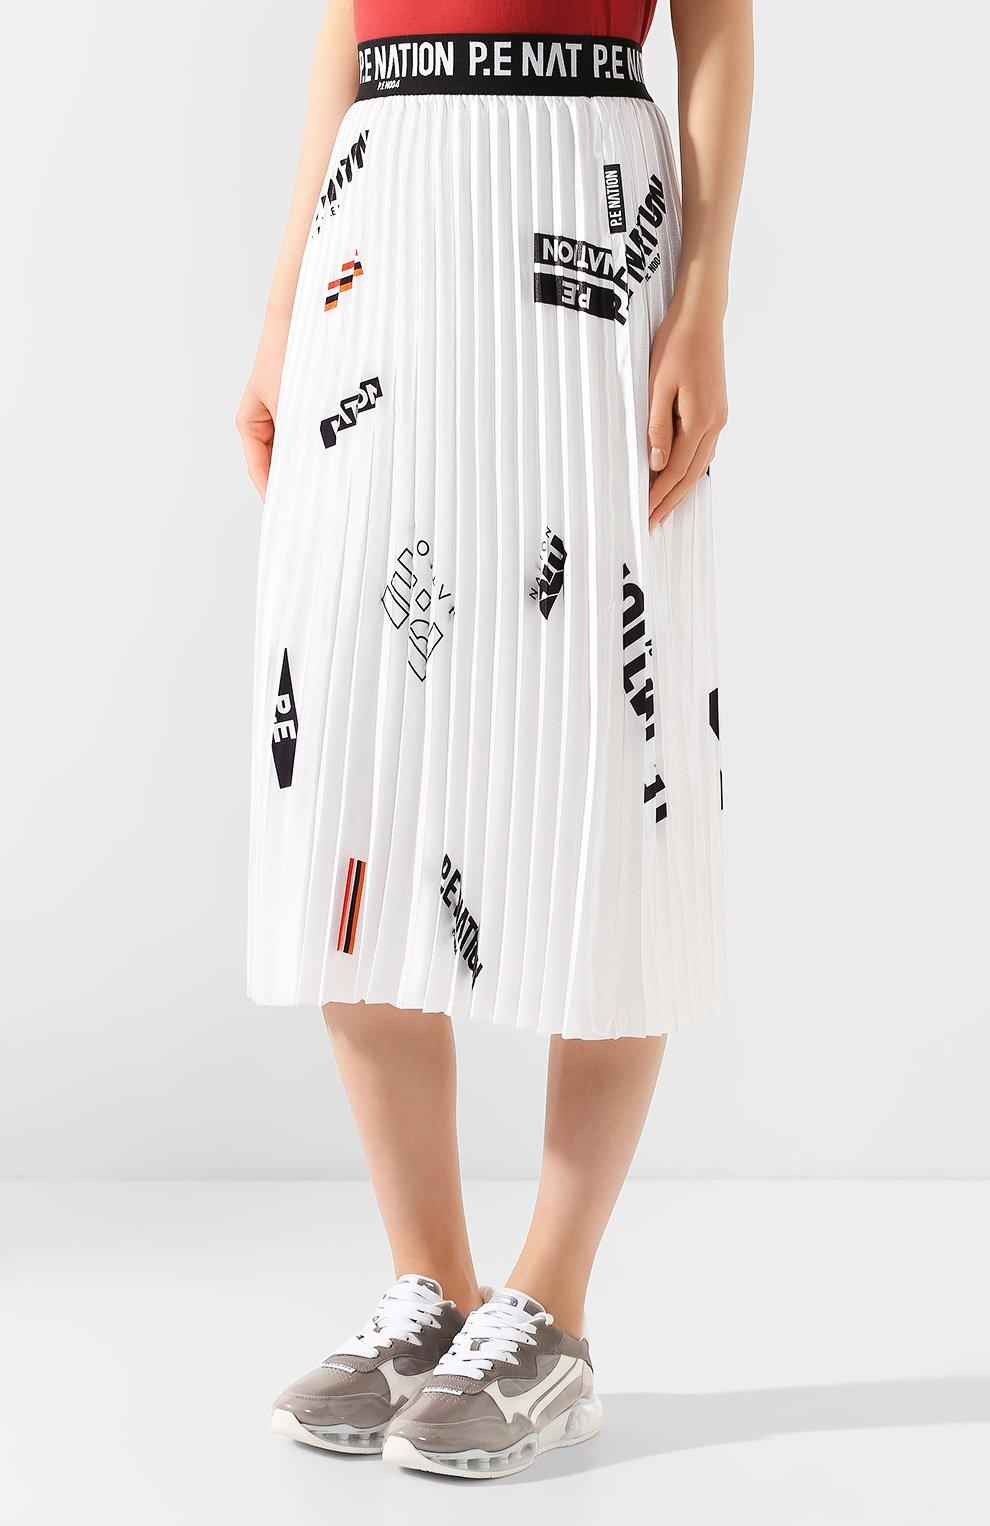 Женская плиссированная юбка P.E. NATION белого цвета, арт. 19PE4Q176-3   Фото 3 (Женское Кросс-КТ: юбка-плиссе; Материал внешний: Синтетический материал; Длина Ж (юбки, платья, шорты): Миди; Материал подклада: Синтетический материал)